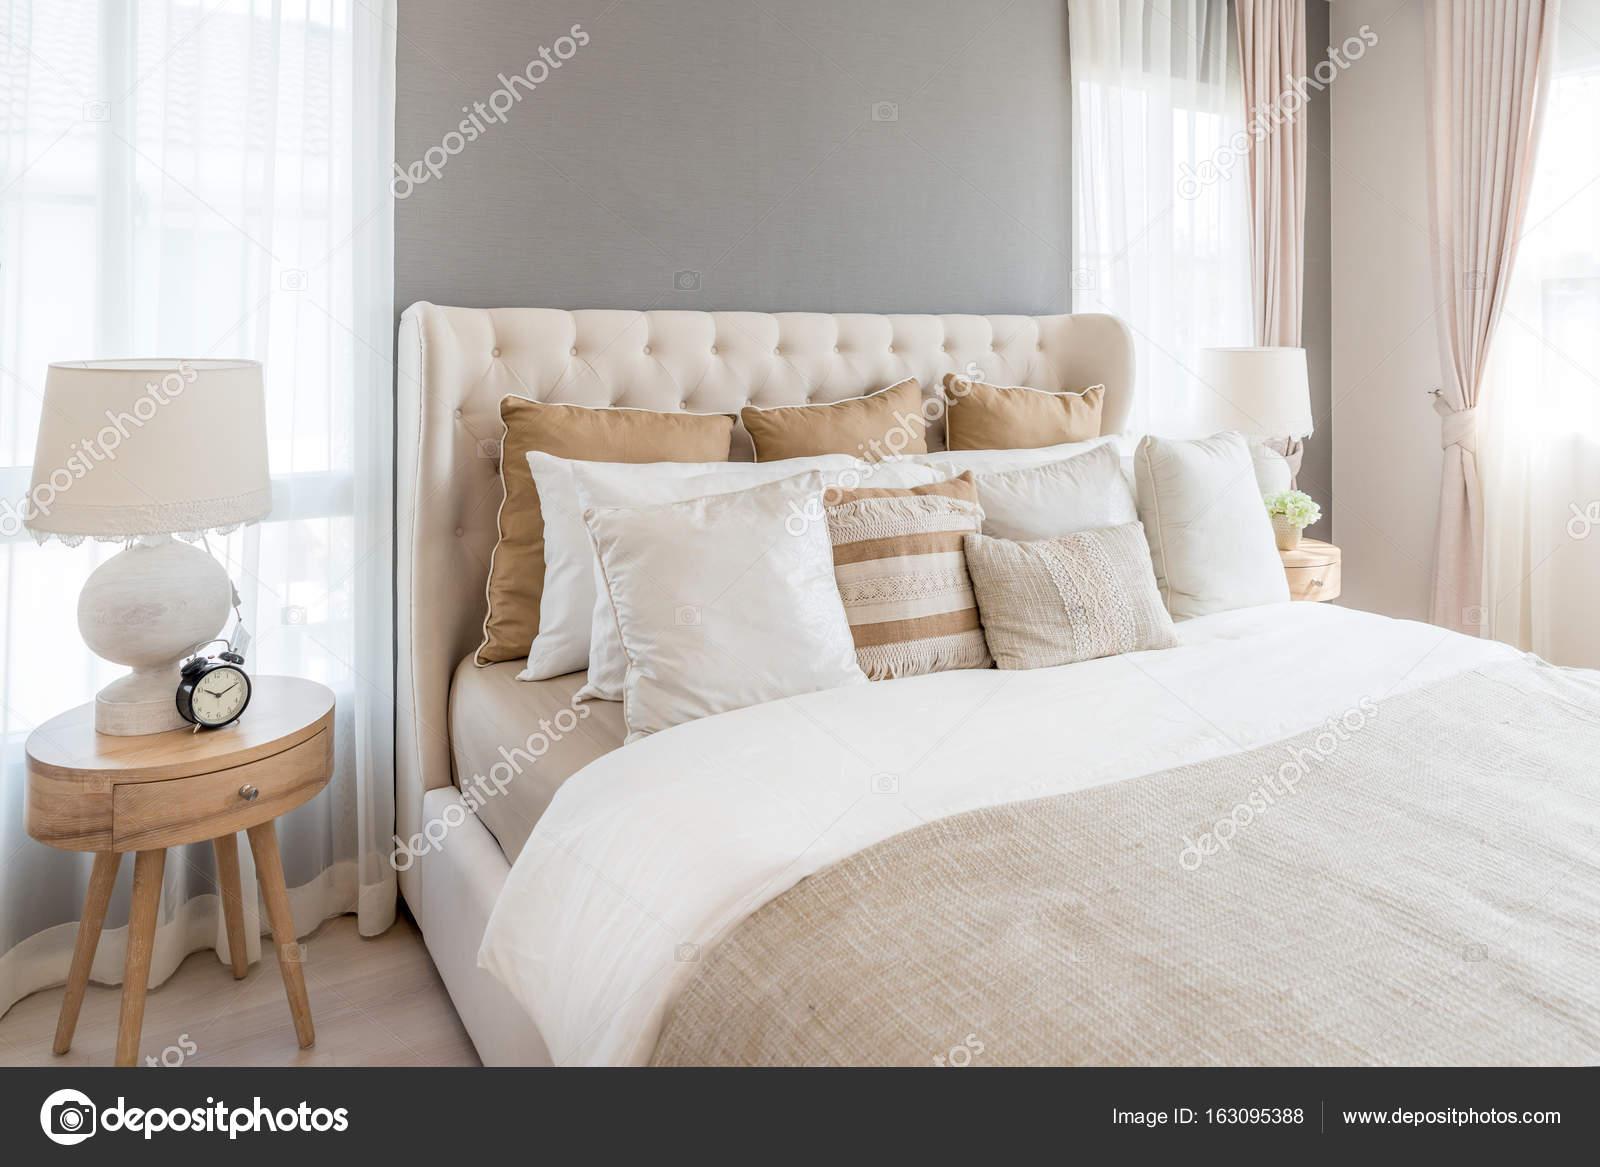 Uberlegen Schlafzimmer In Warmen Hellen Farben. Großes Bequemes Doppelbett Im  Eleganten Klassischen Schlafzimmer Zu Hause U2014 Foto Von Ake1150sb